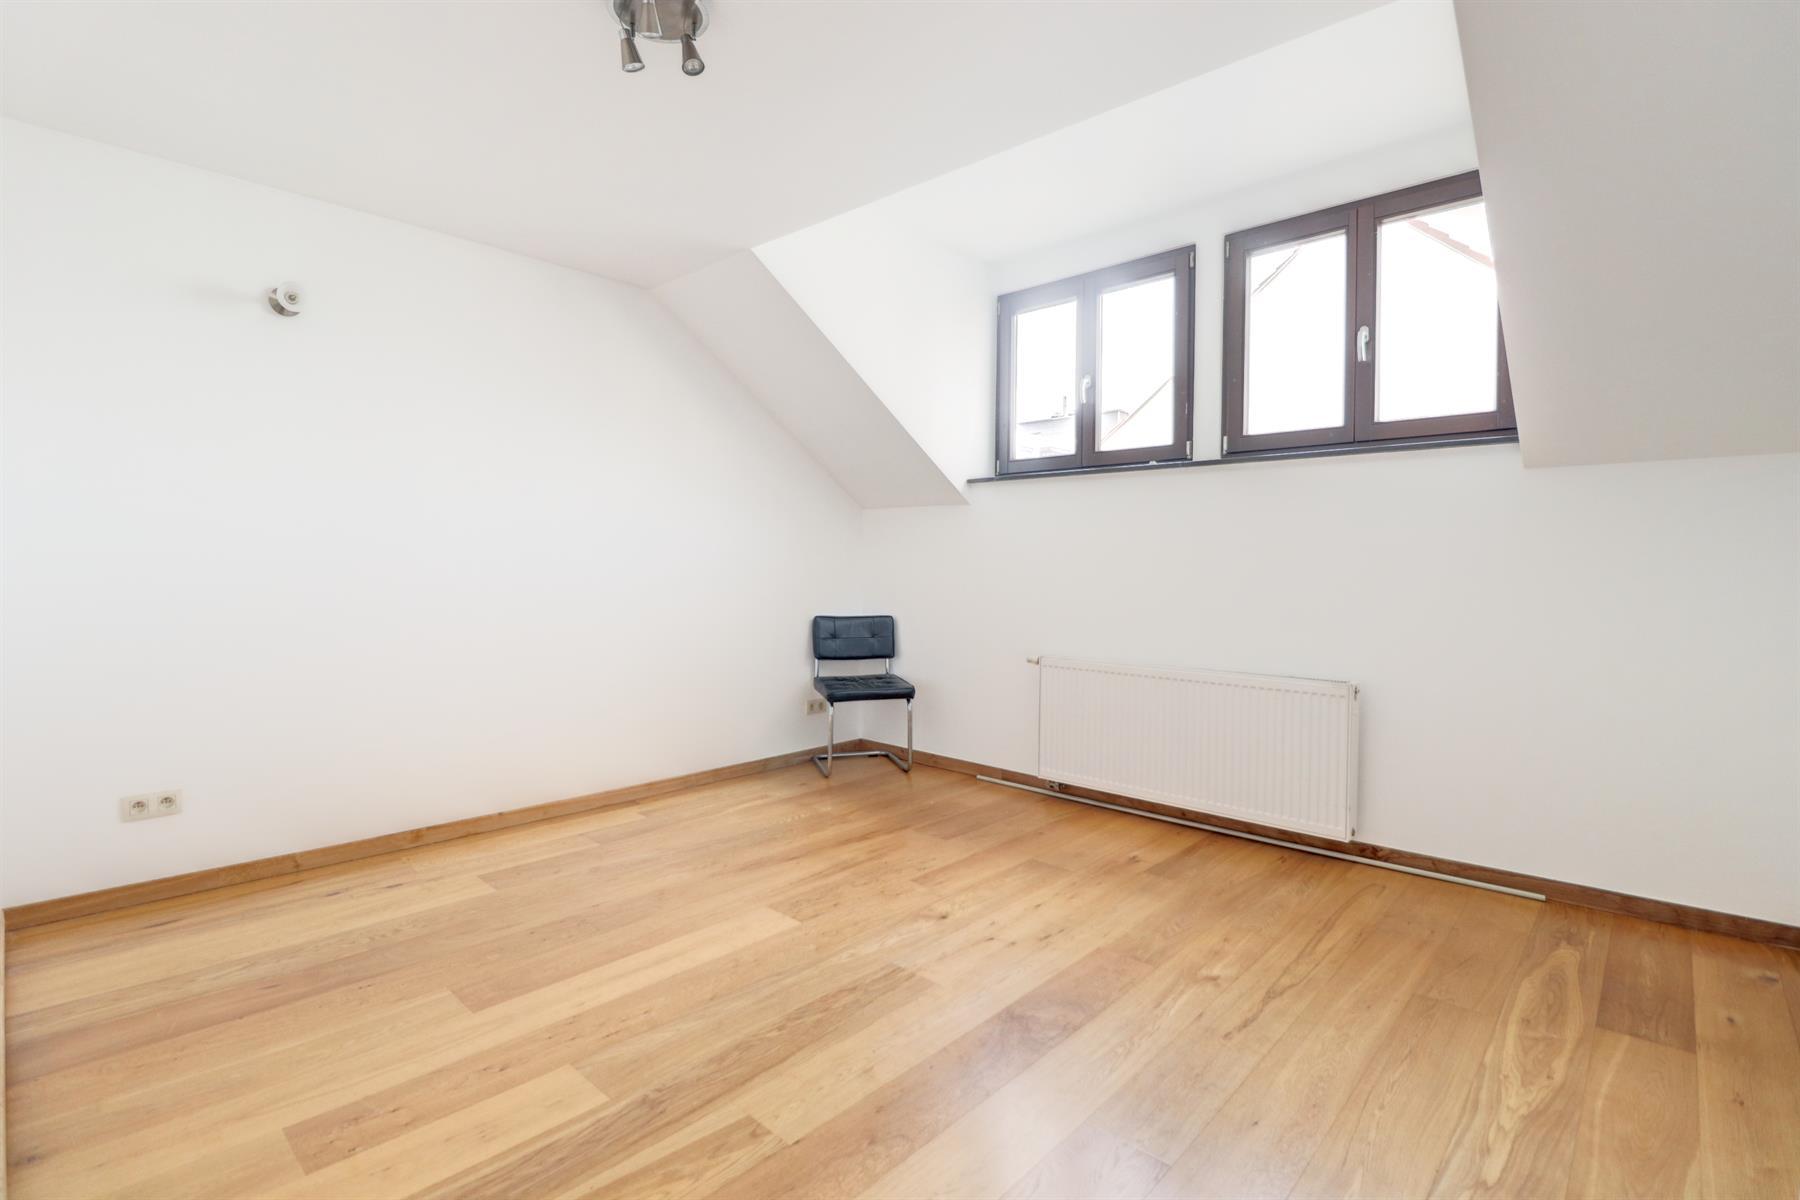 Duplex - Ixelles - #4389259-8